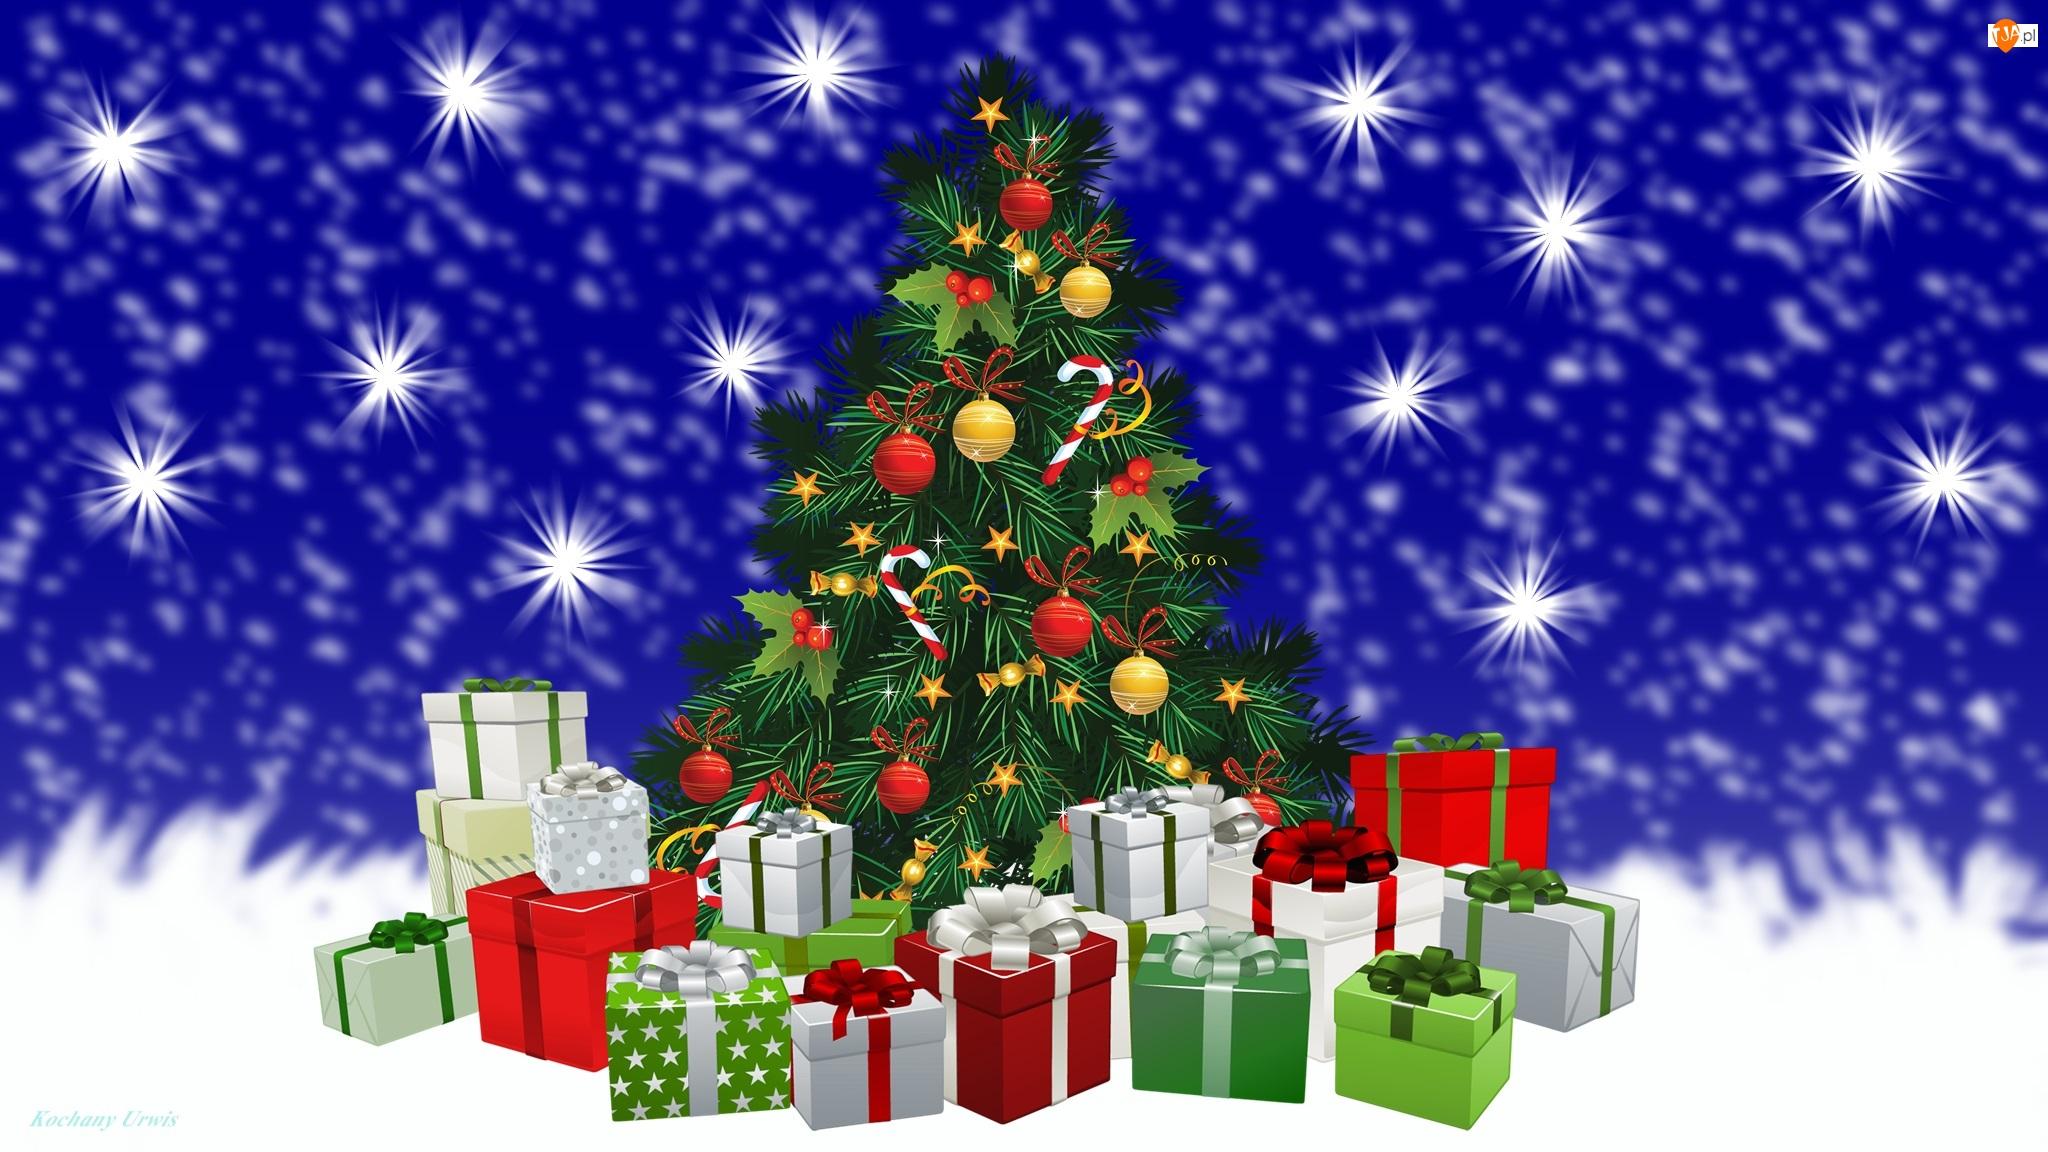 2D, Boże Narodzenie, Bombki, Choinka, Prezenty